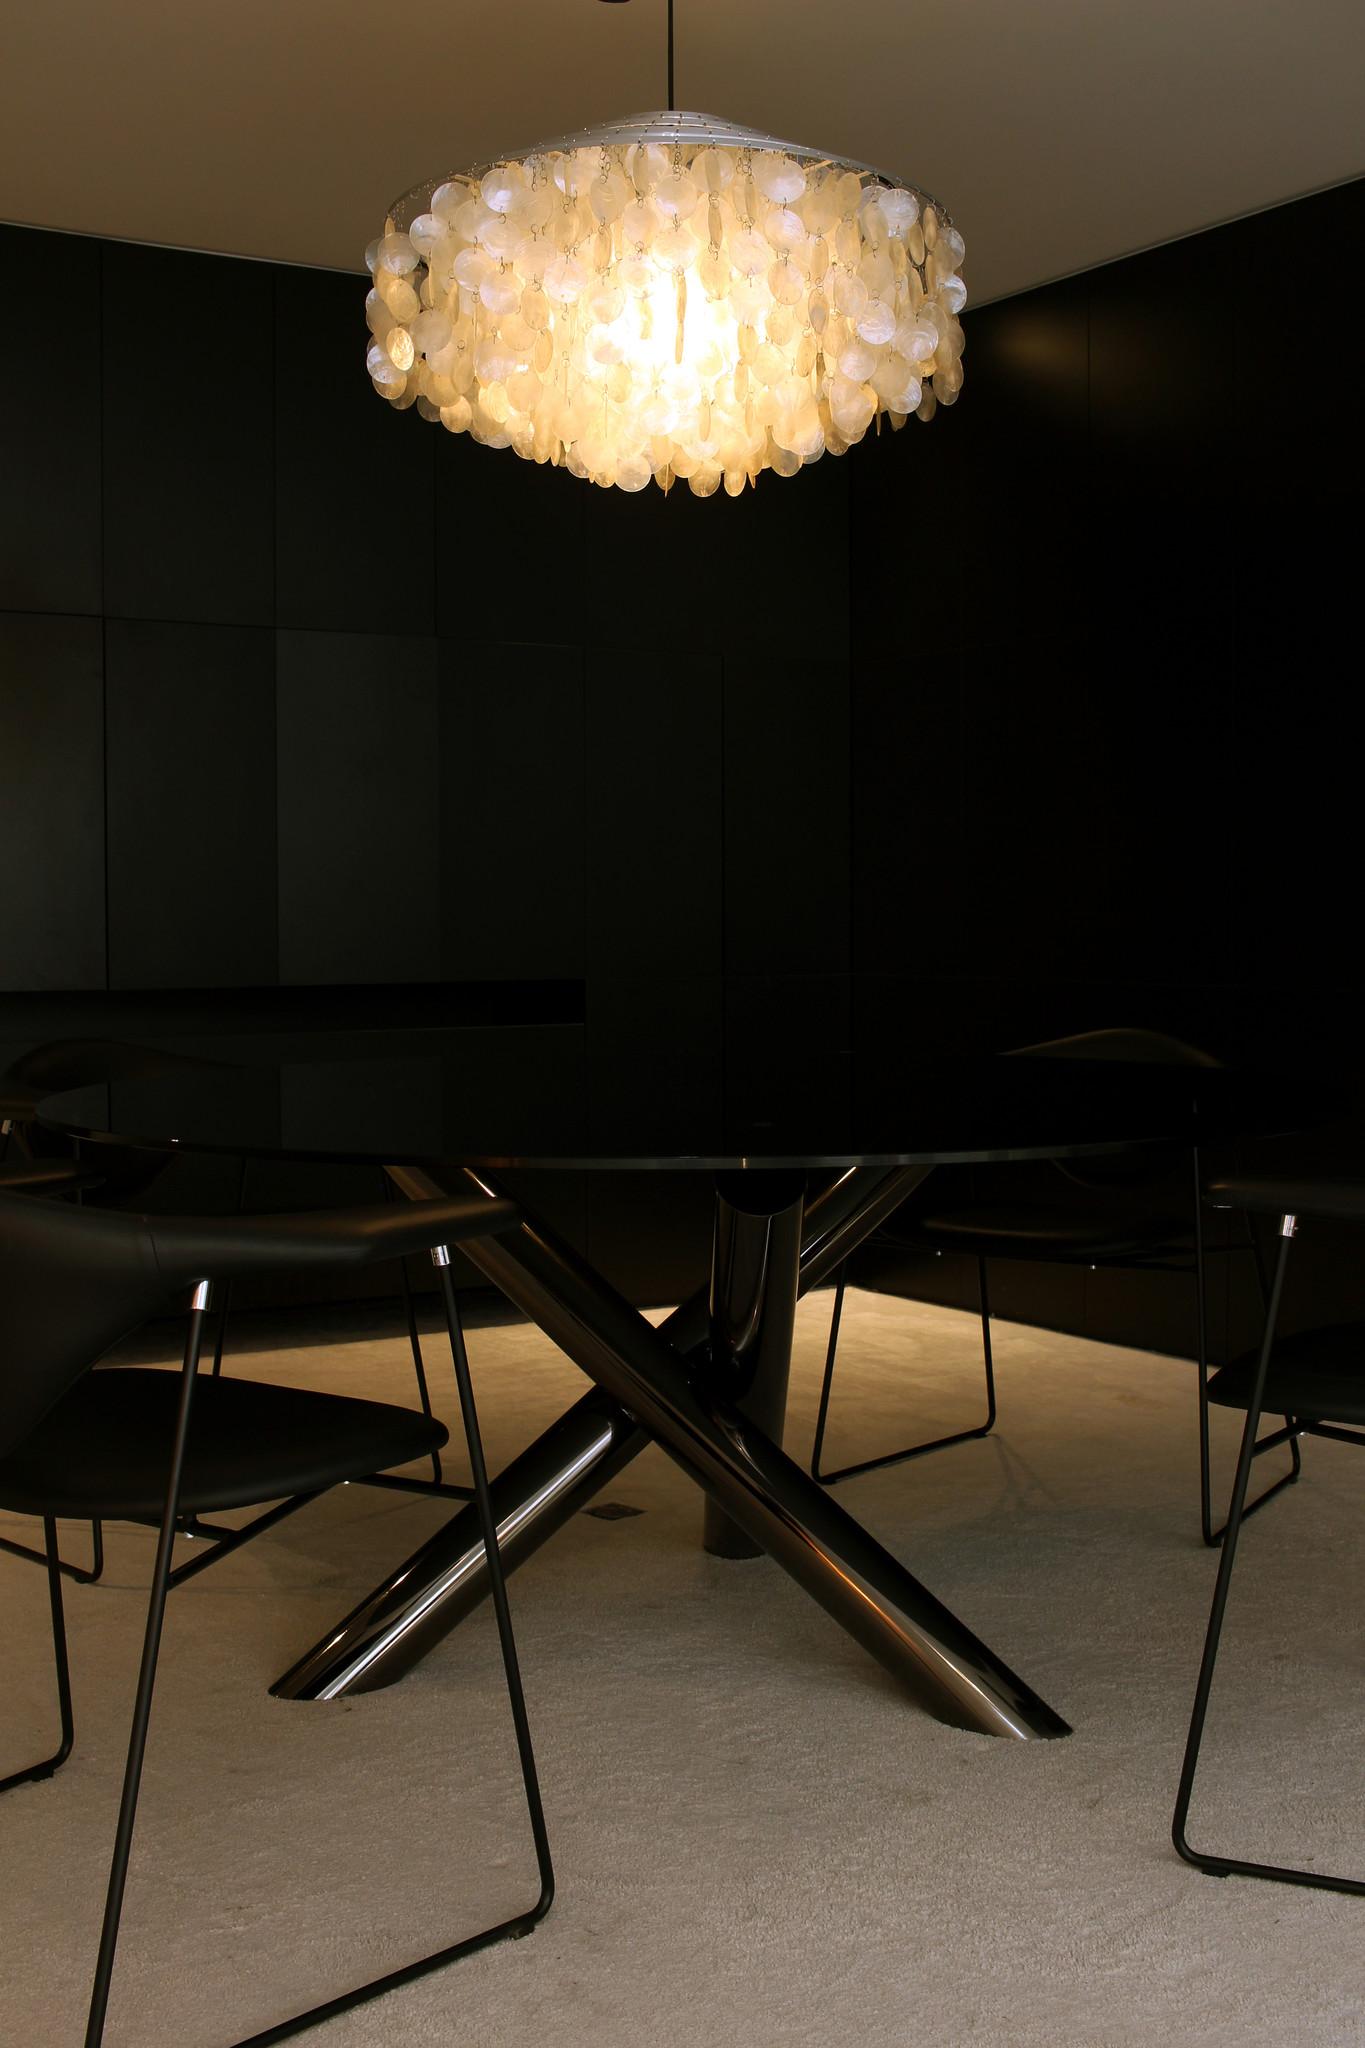 FUN hanging lamp by Verner Panton for Verpan